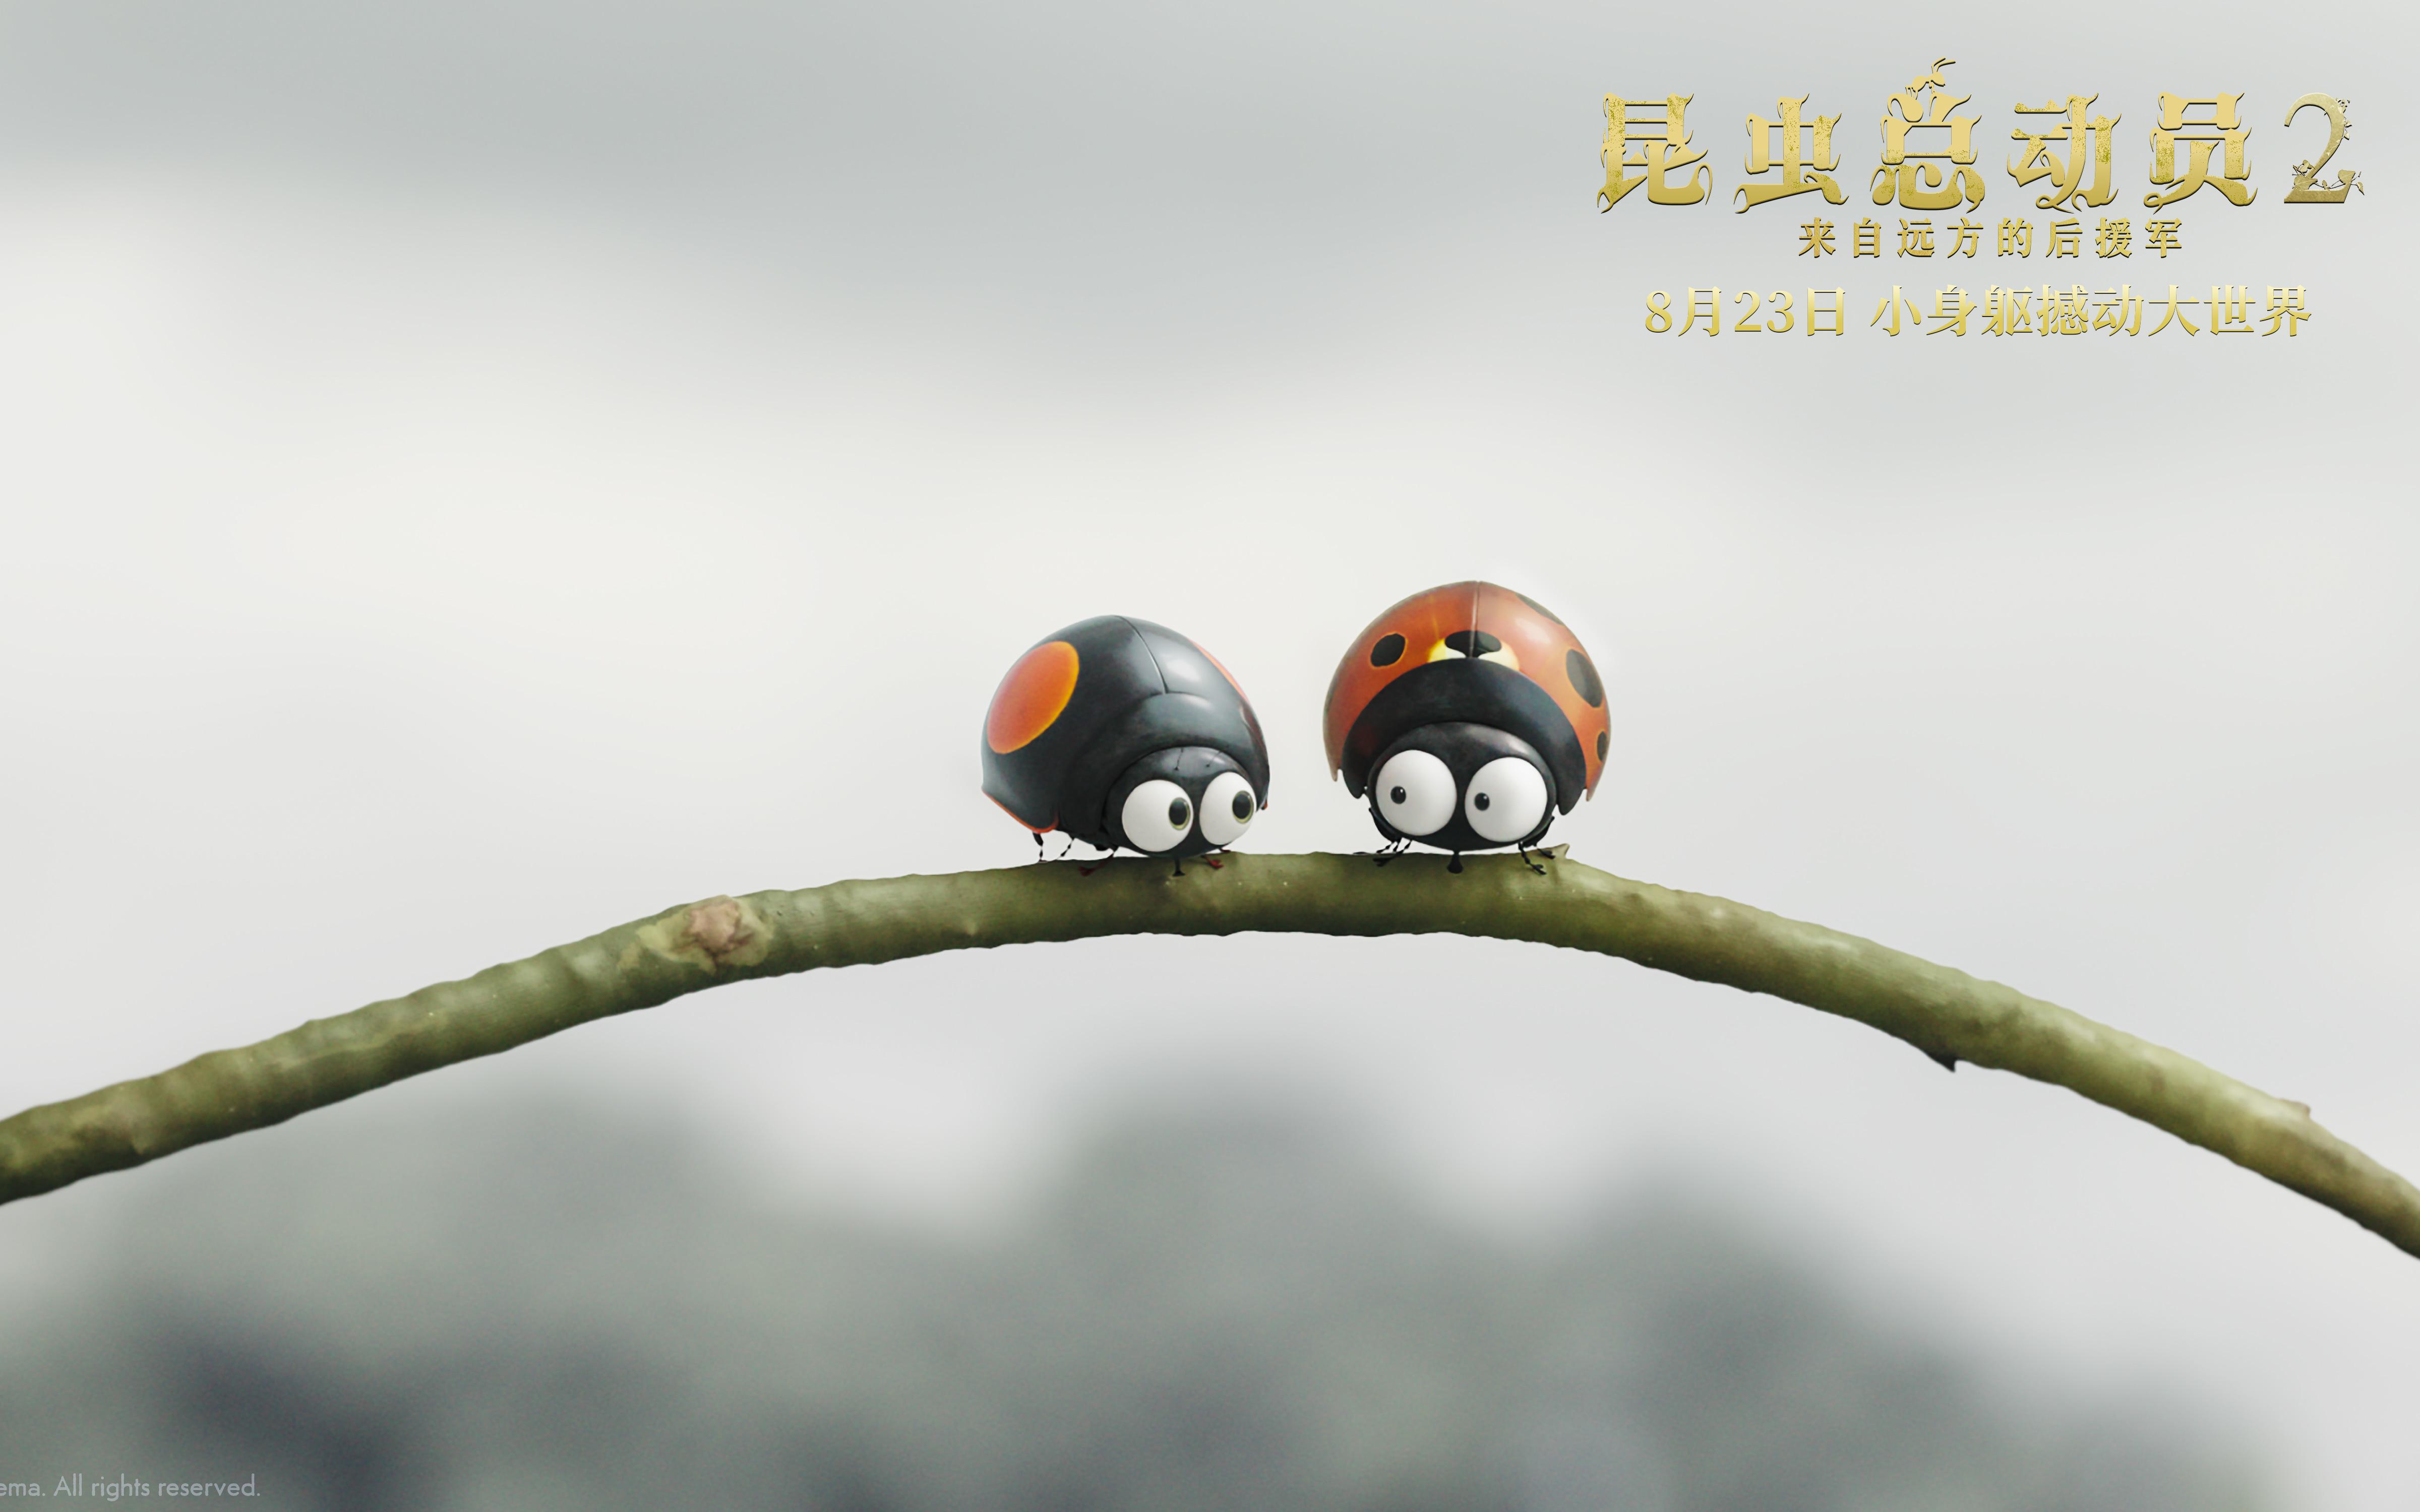 《昆虫总动员2-来自远方的后援军》先导预告曝光 微观世界奇幻大冒险拉开序幕